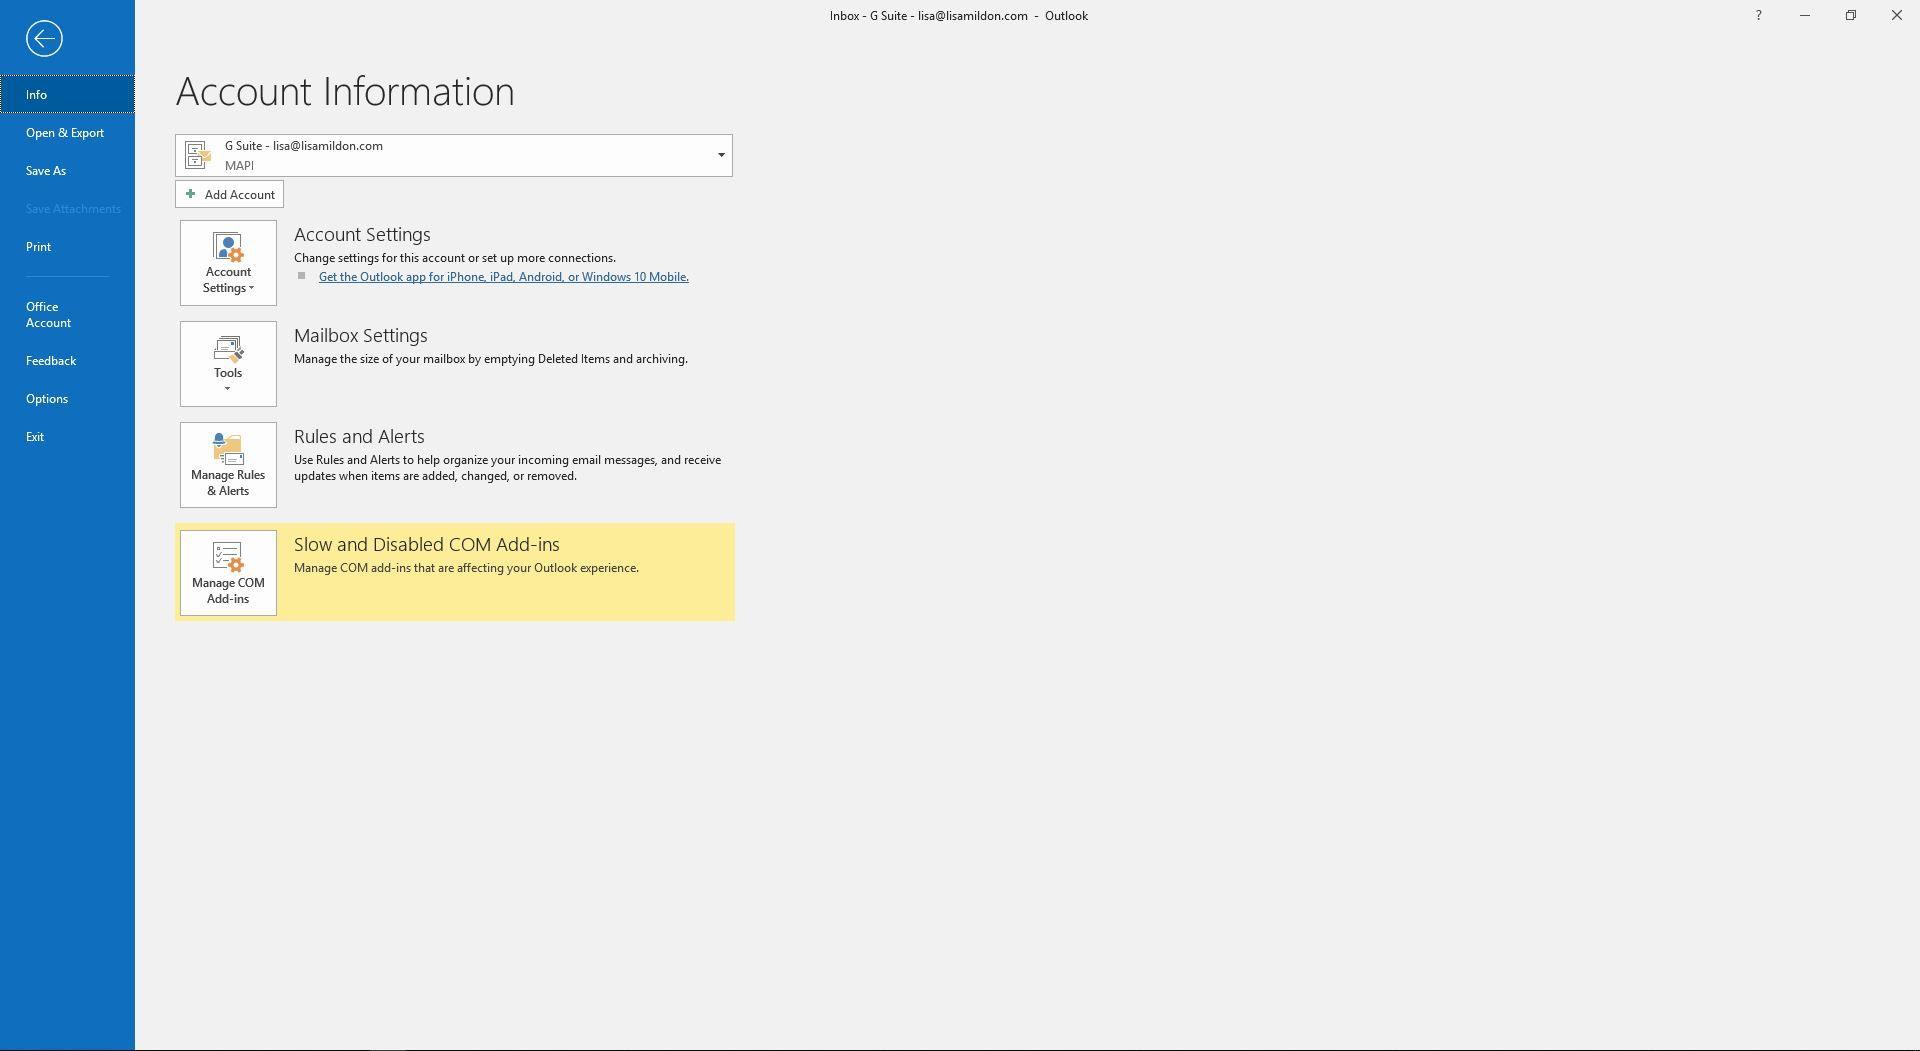 File menu options in Outlook